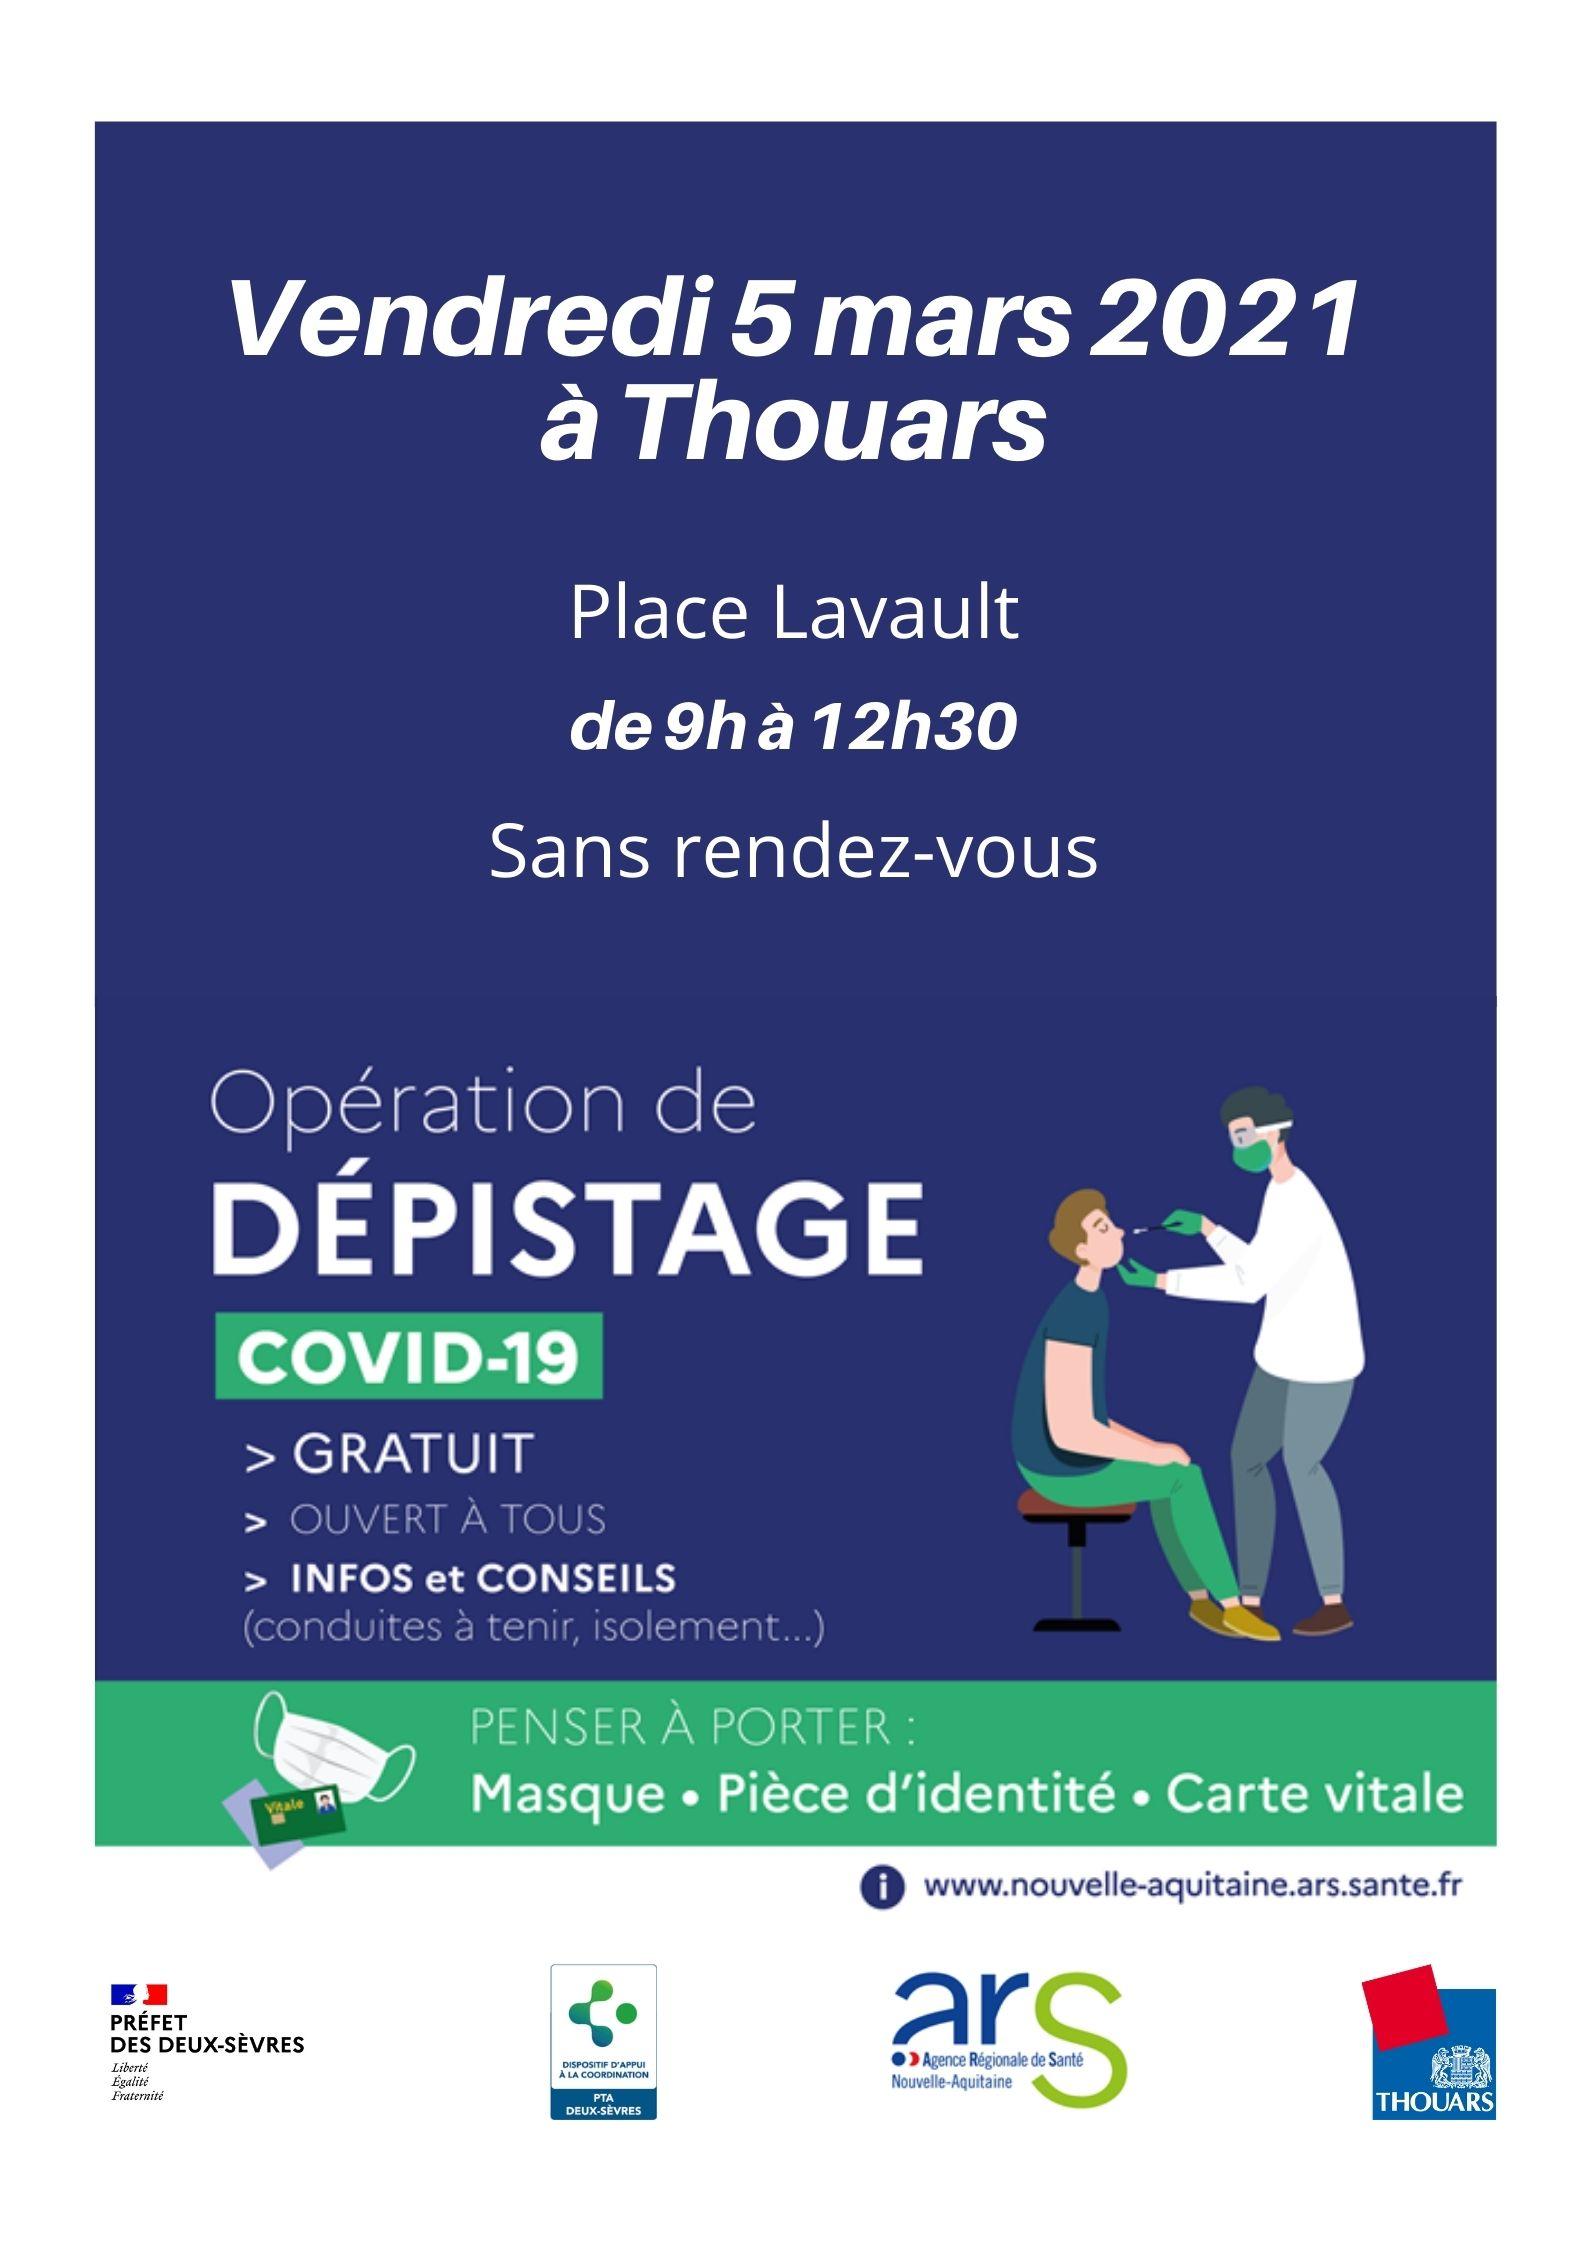 Opération de dépistage COVID-19 gratuit à Thouars